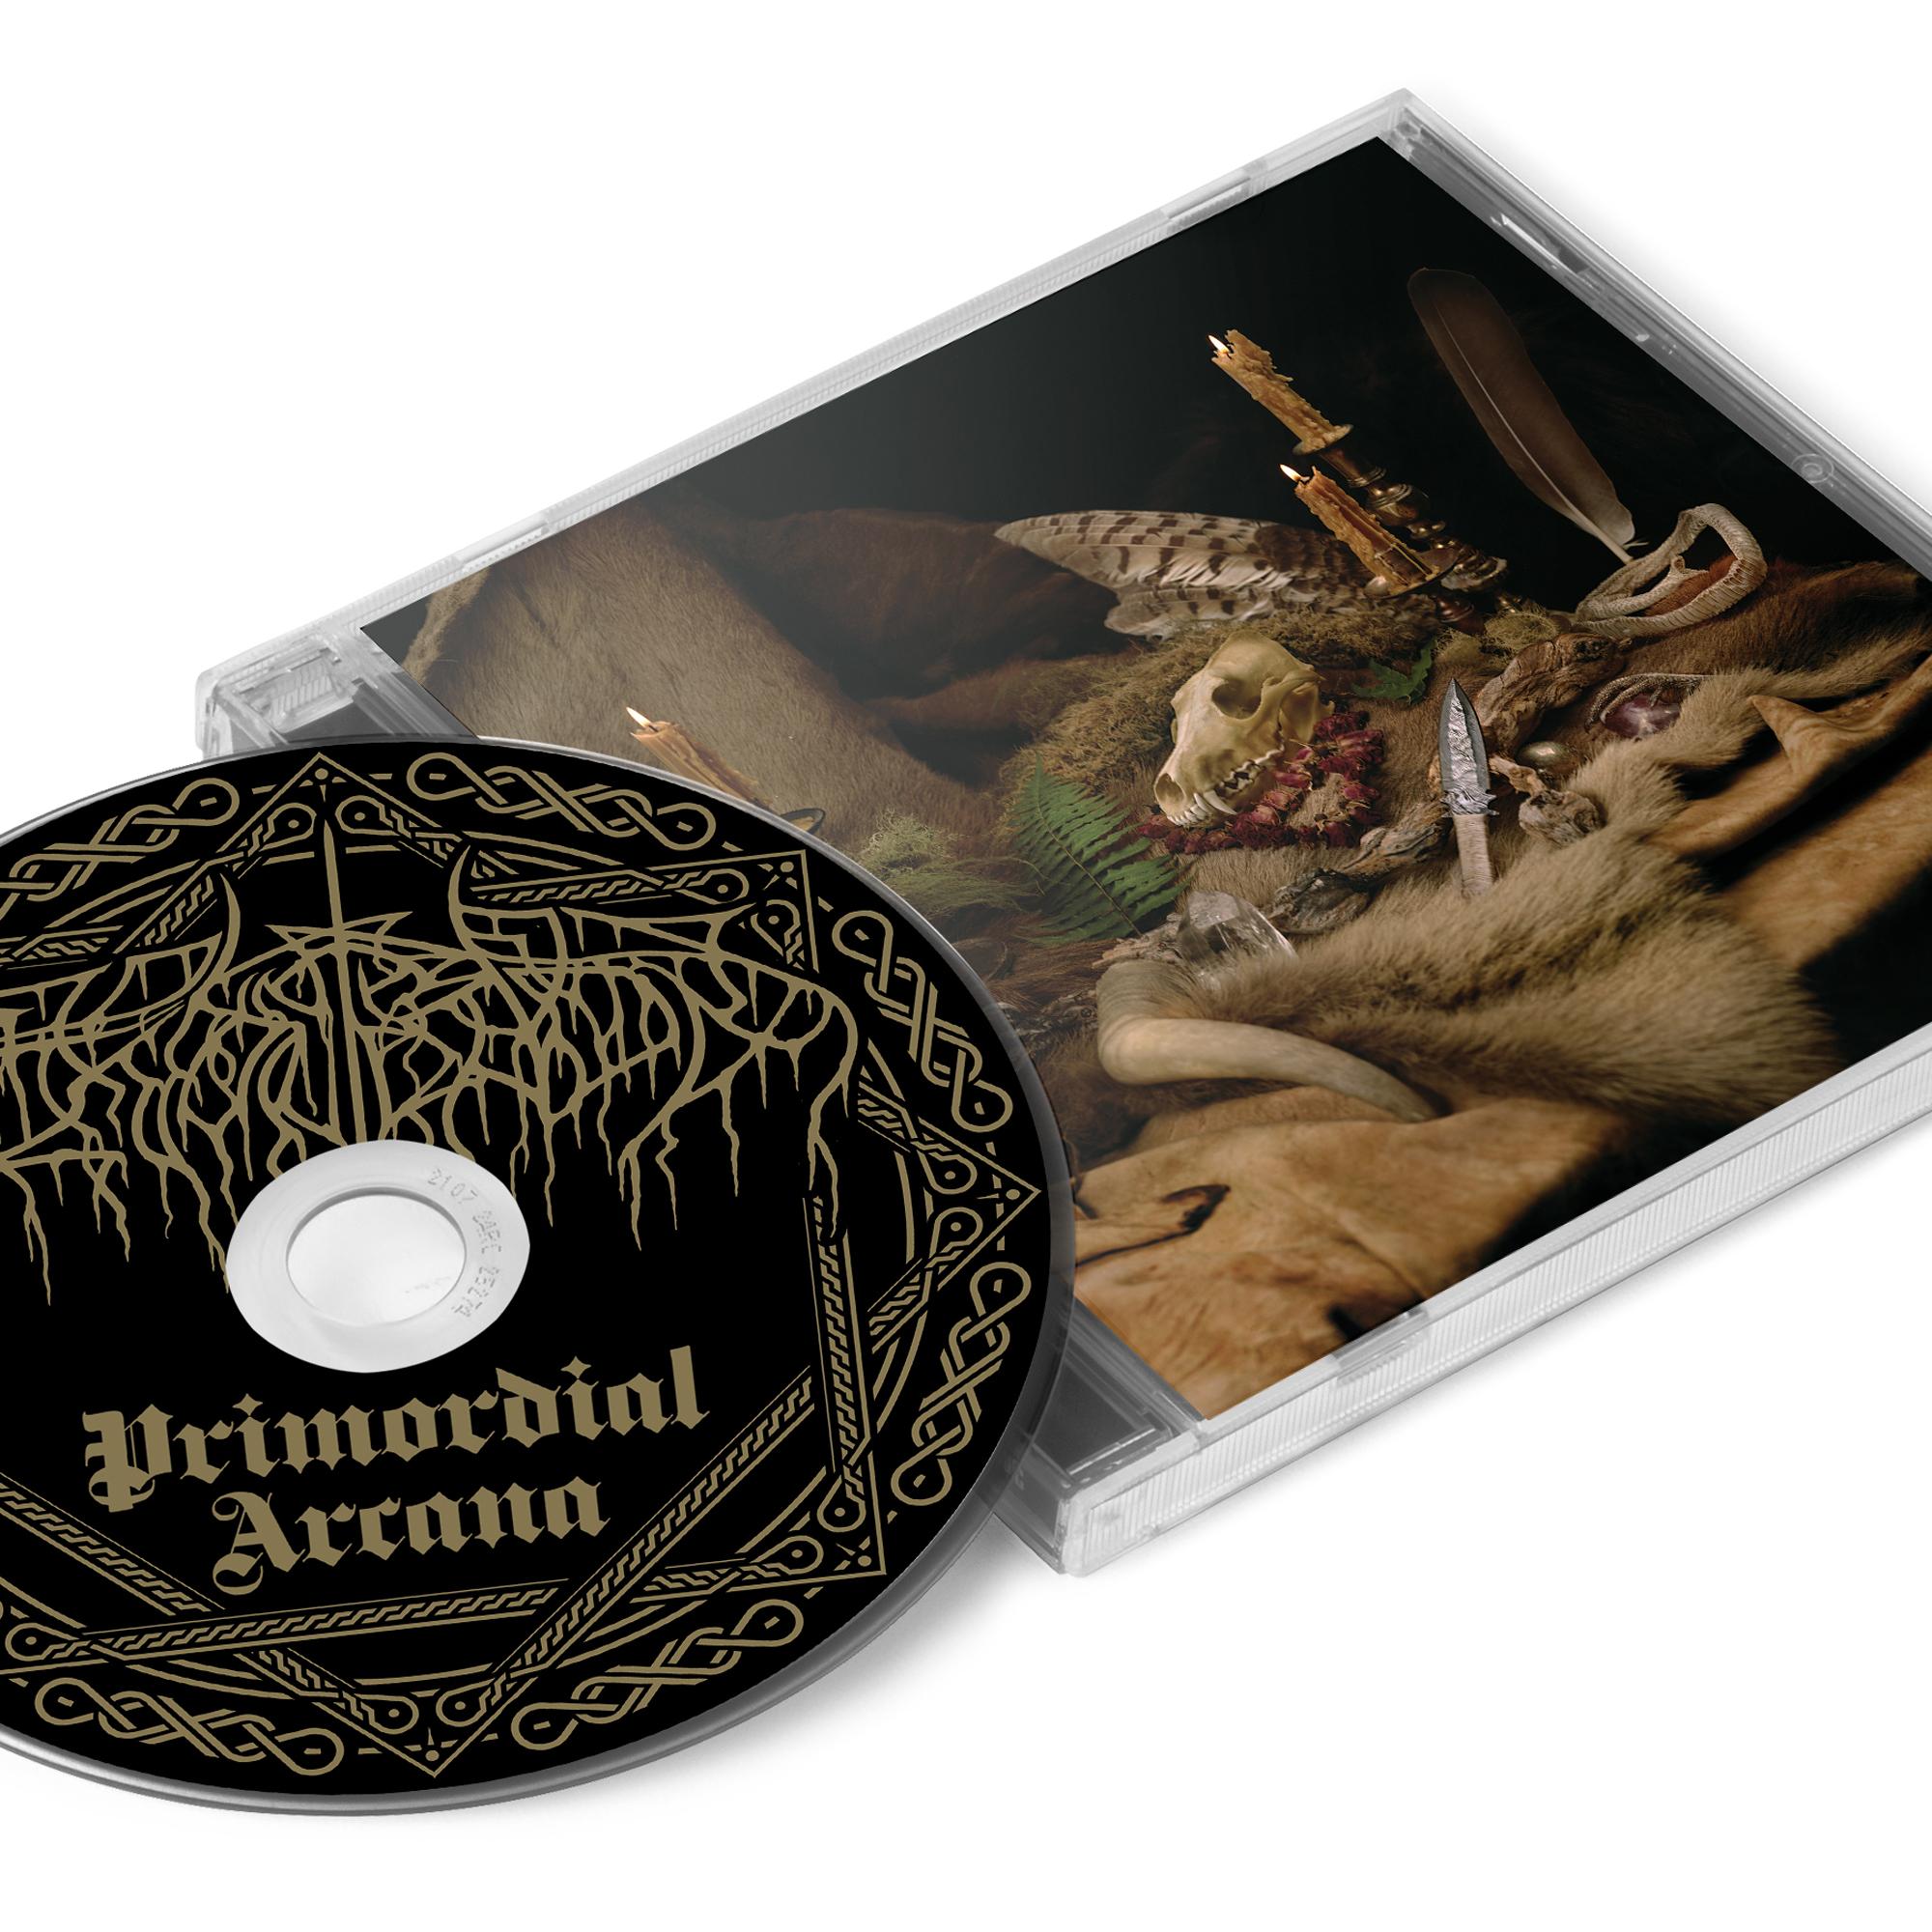 Primal Chasm Longsleeve + Primordial Arcana CD Bundle